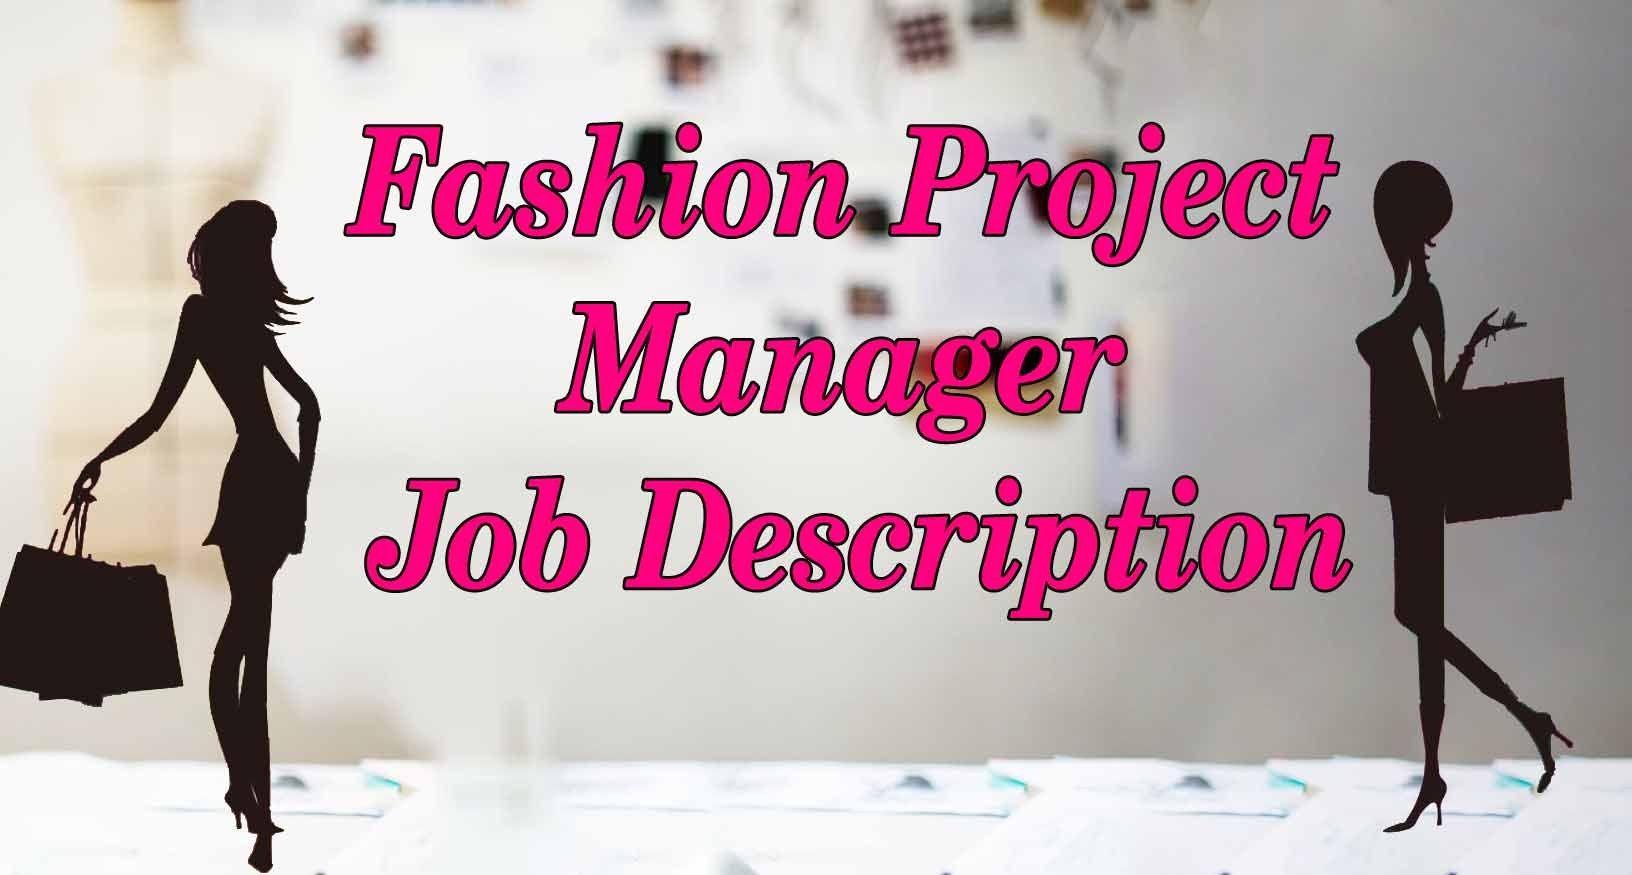 Fashion Project Manager Job Description Project